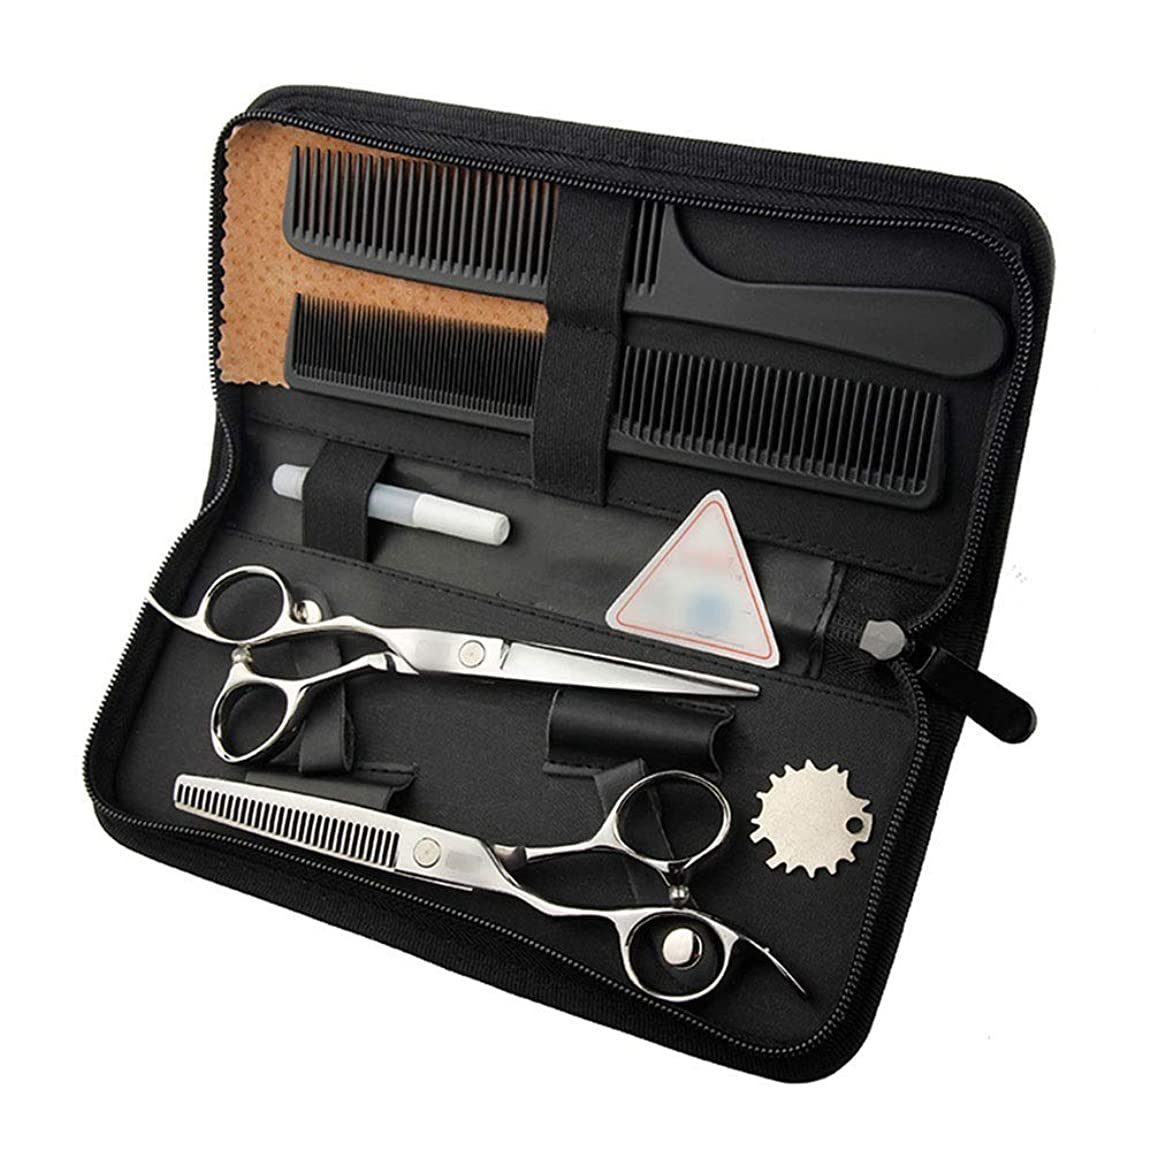 オーブンふくろうに対応6インチ美容院プロフェッショナル理髪セットフラットはさみ+歯せん断セット、美容院左手はさみセット モデリングツール (色 : Silver)